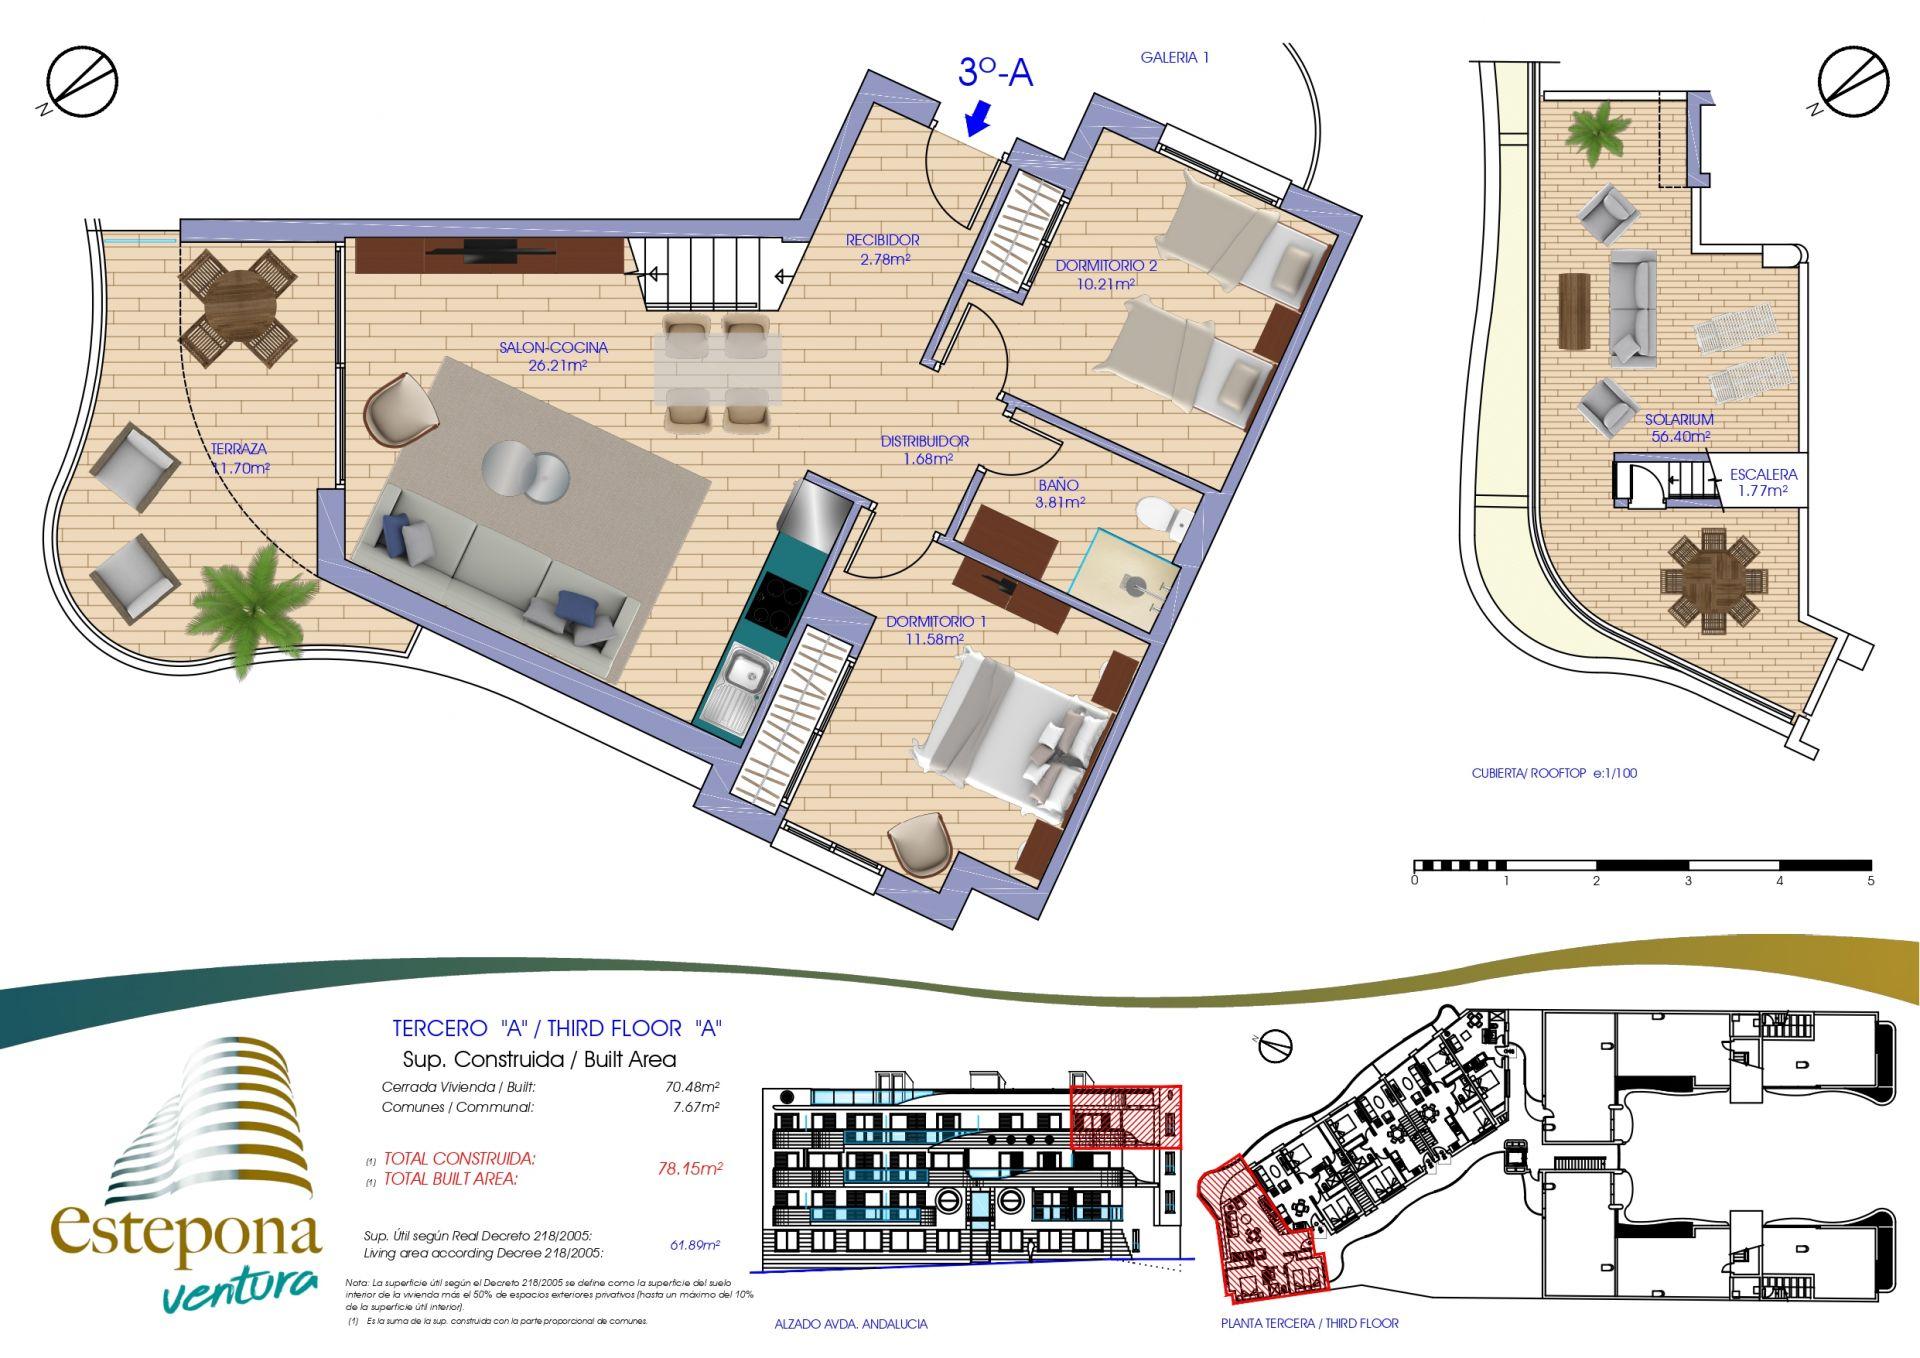 3a - Ventura Estepona | Compra de casa en Estepona